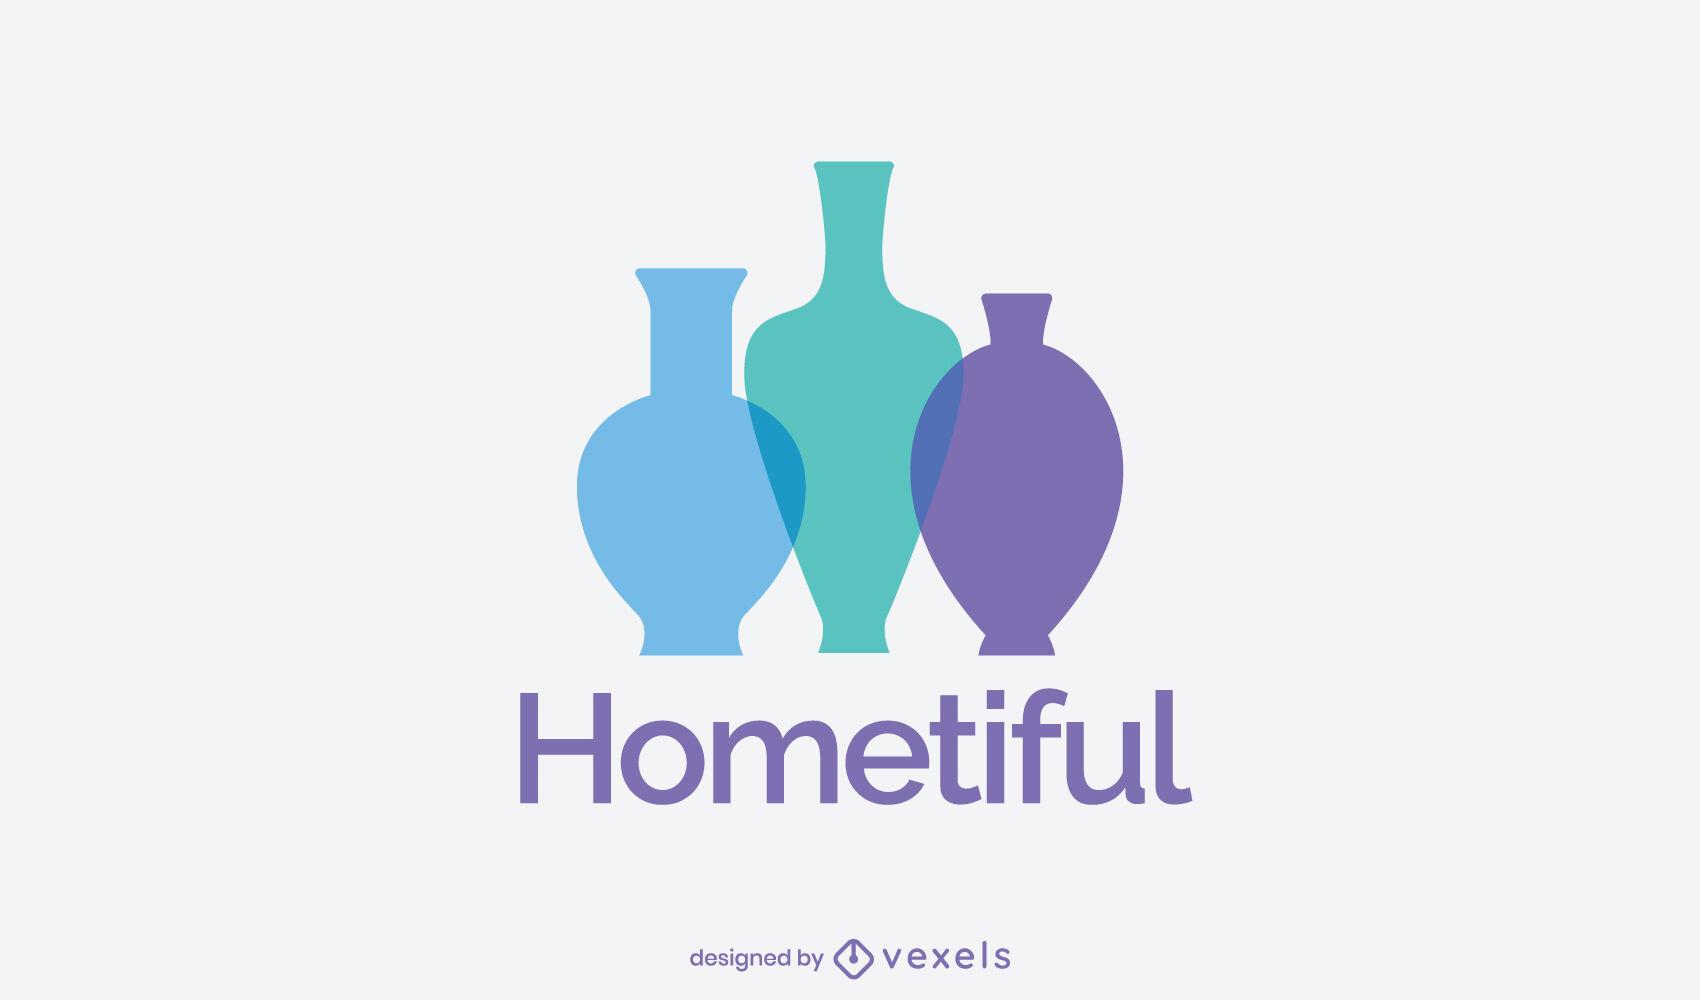 Vase Home Dekorationen Silhouette Logo Vorlage